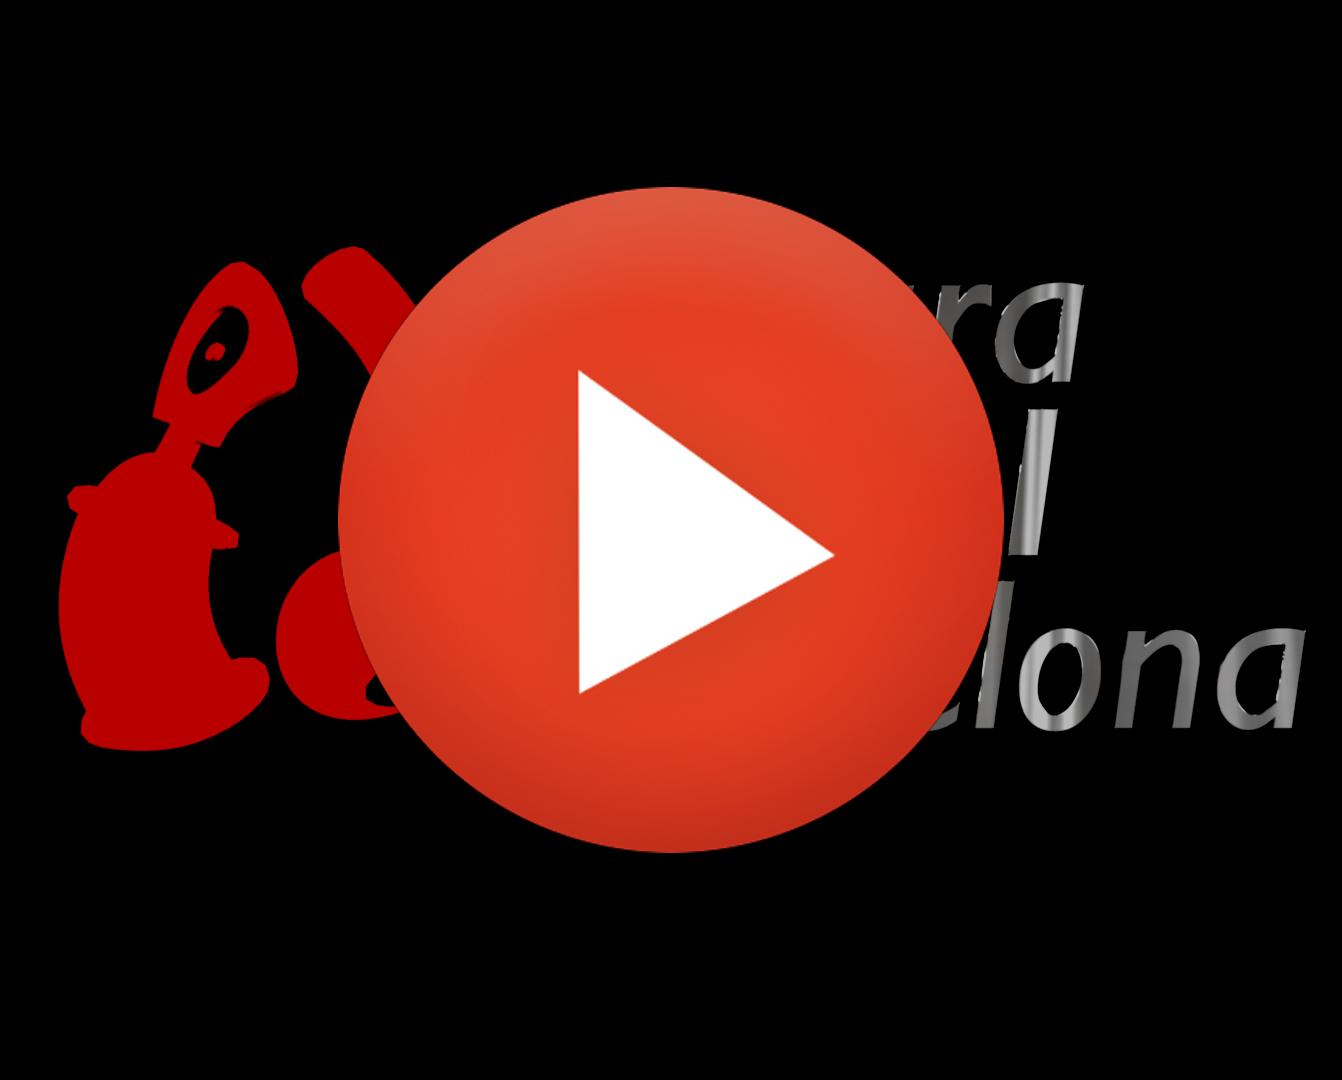 29.08.16 – Estreno del NUEVO video promocional PINTURA MURAL BARCELONA